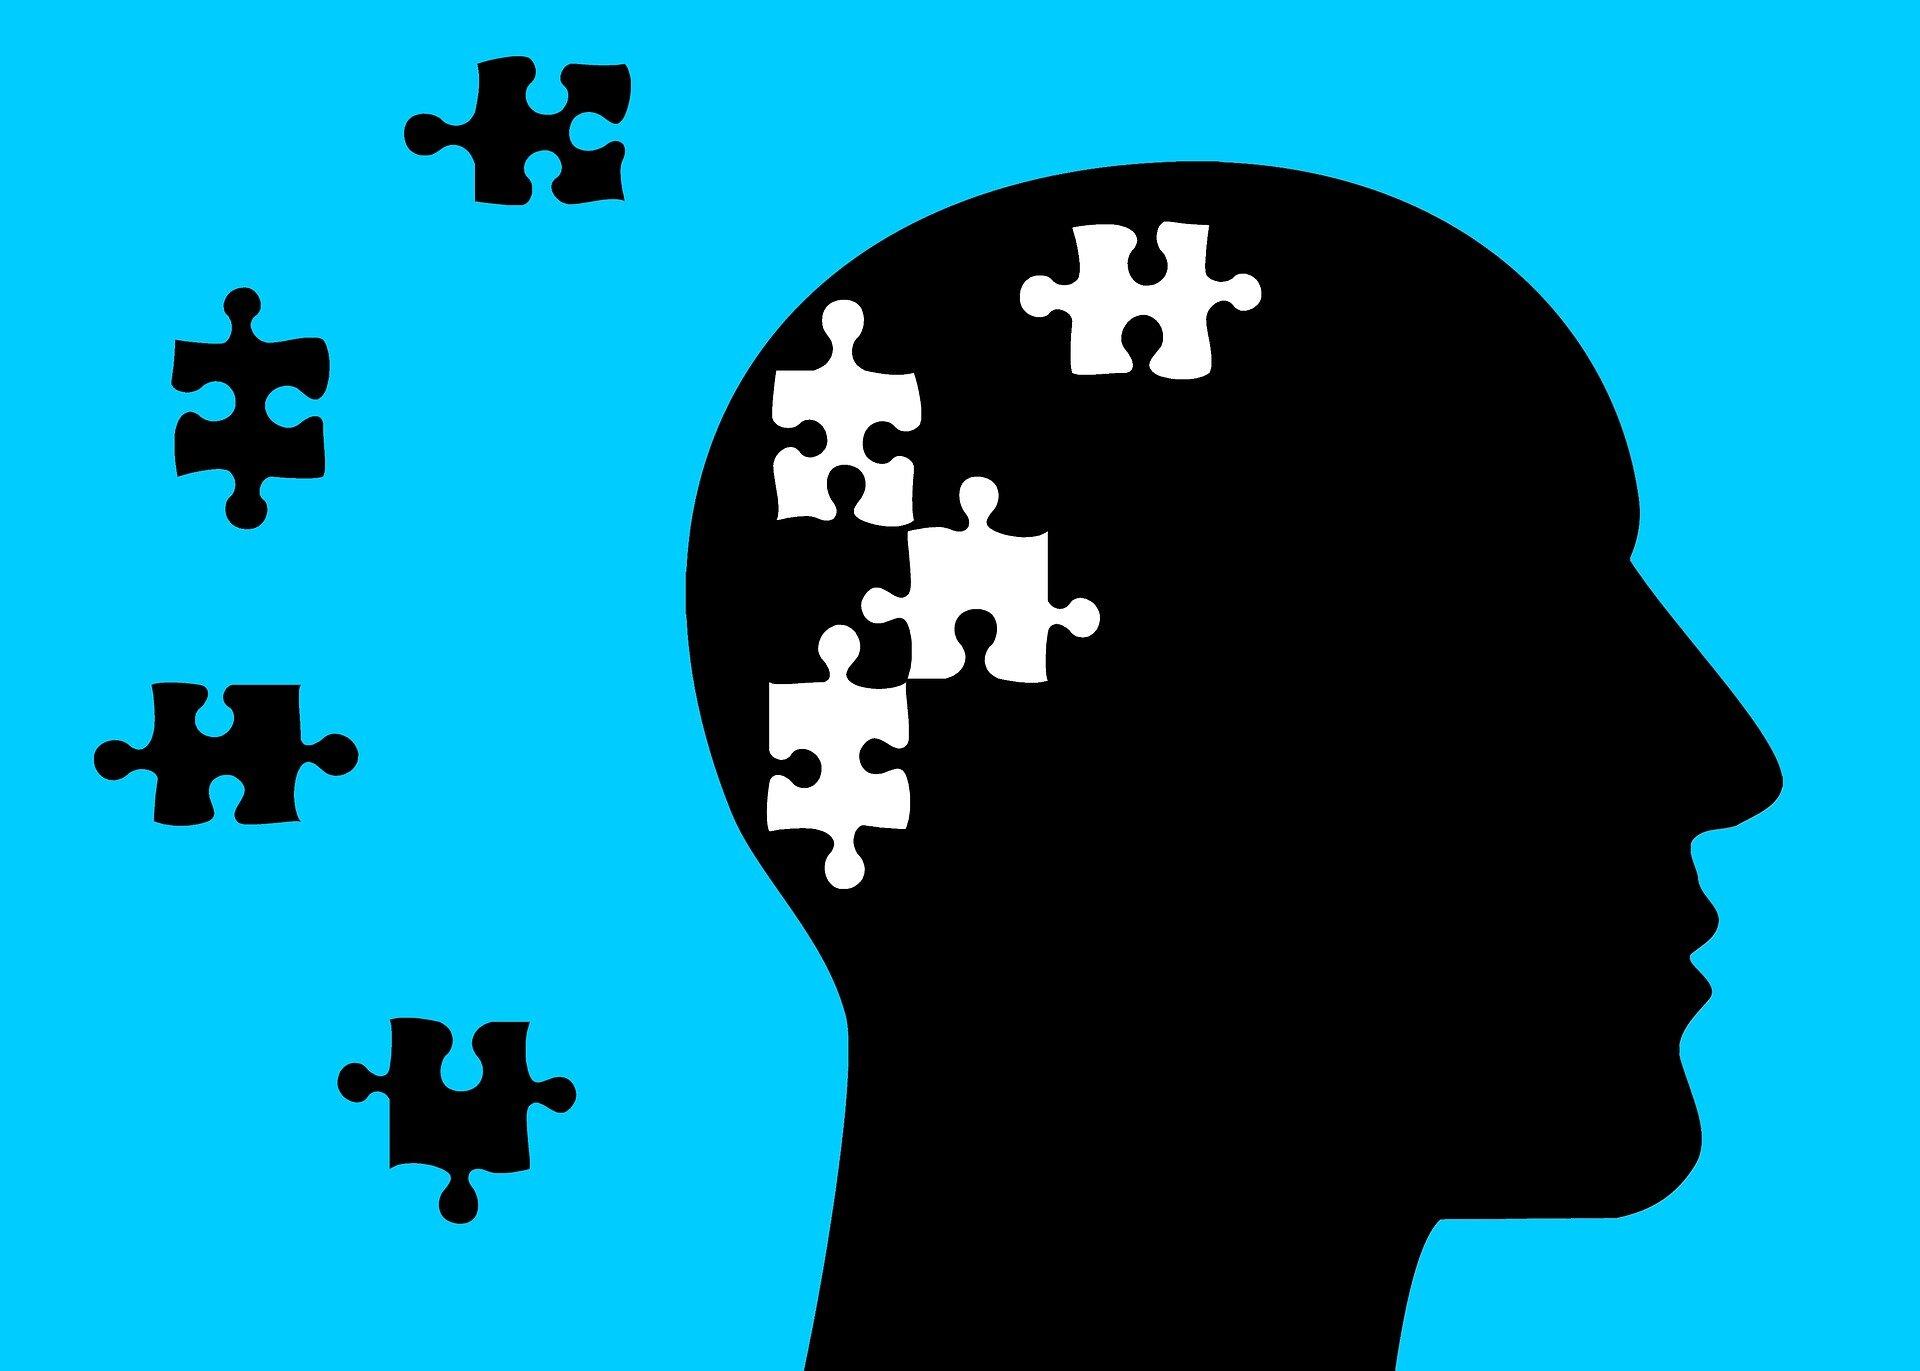 Alzheimer-linked protein complex at super resolution